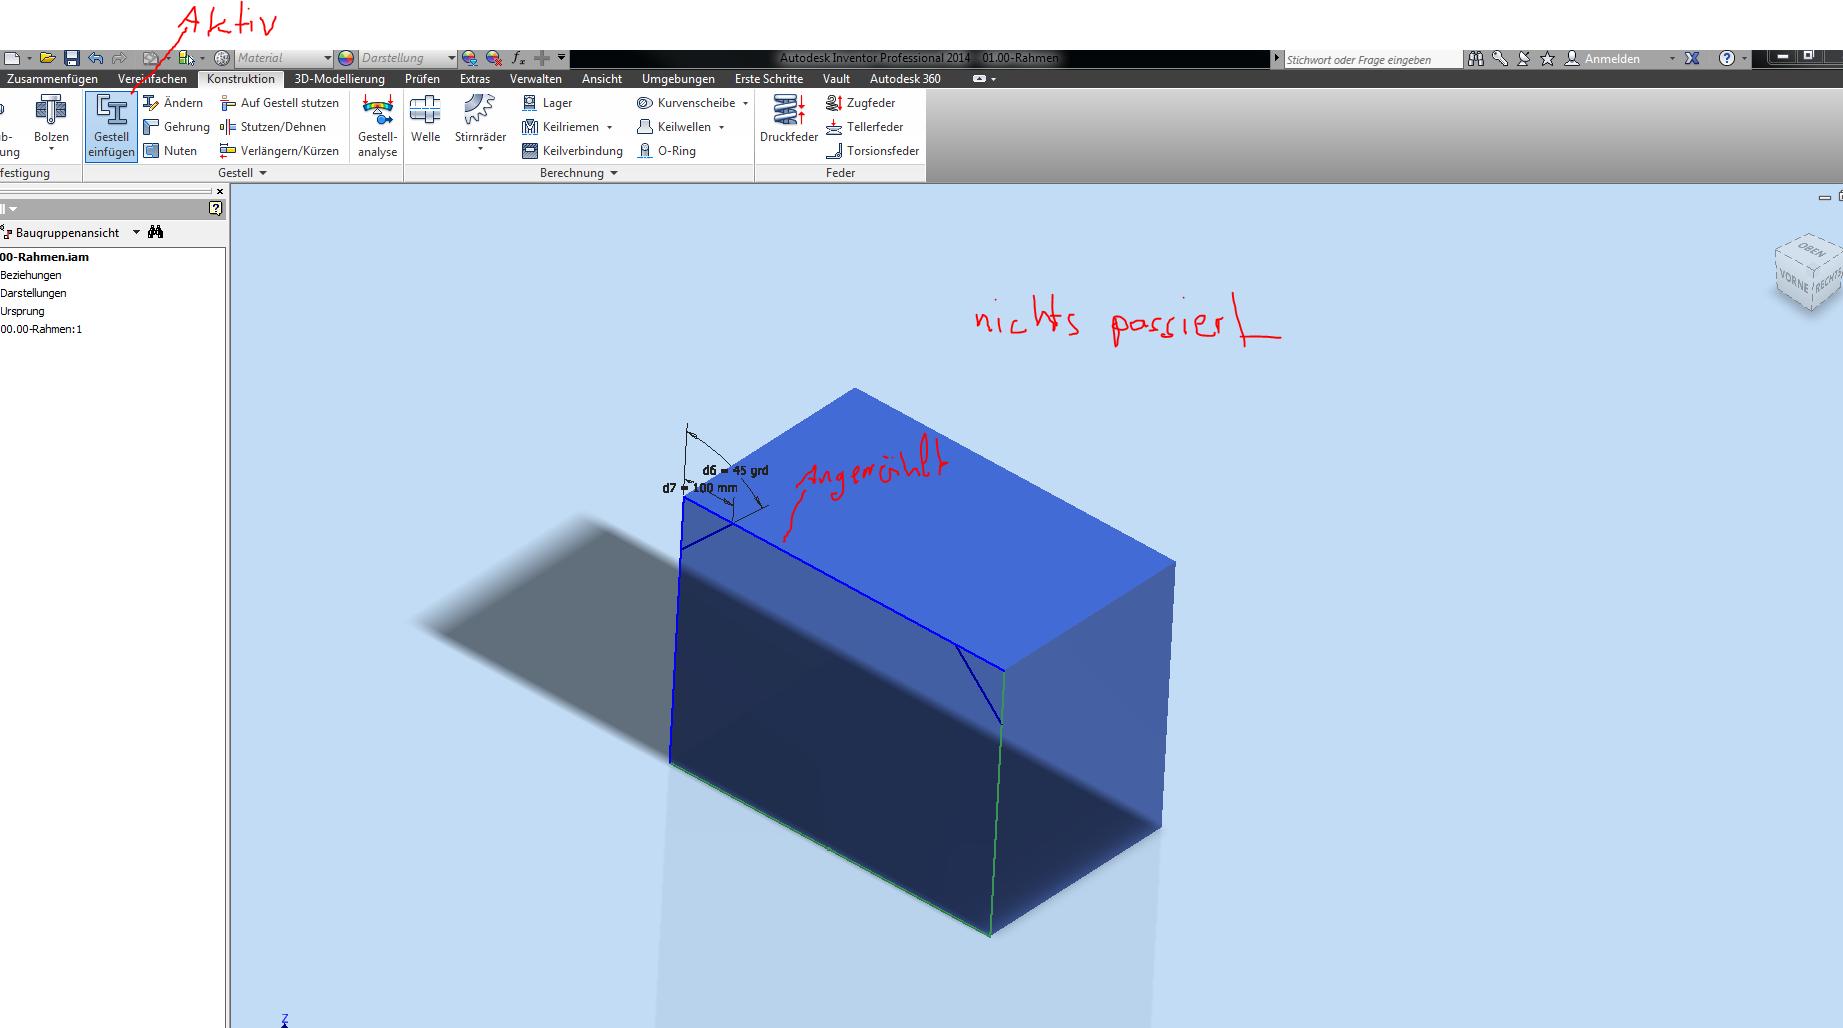 Gemütlich Rahmen Html Generator Fotos - Benutzerdefinierte ...